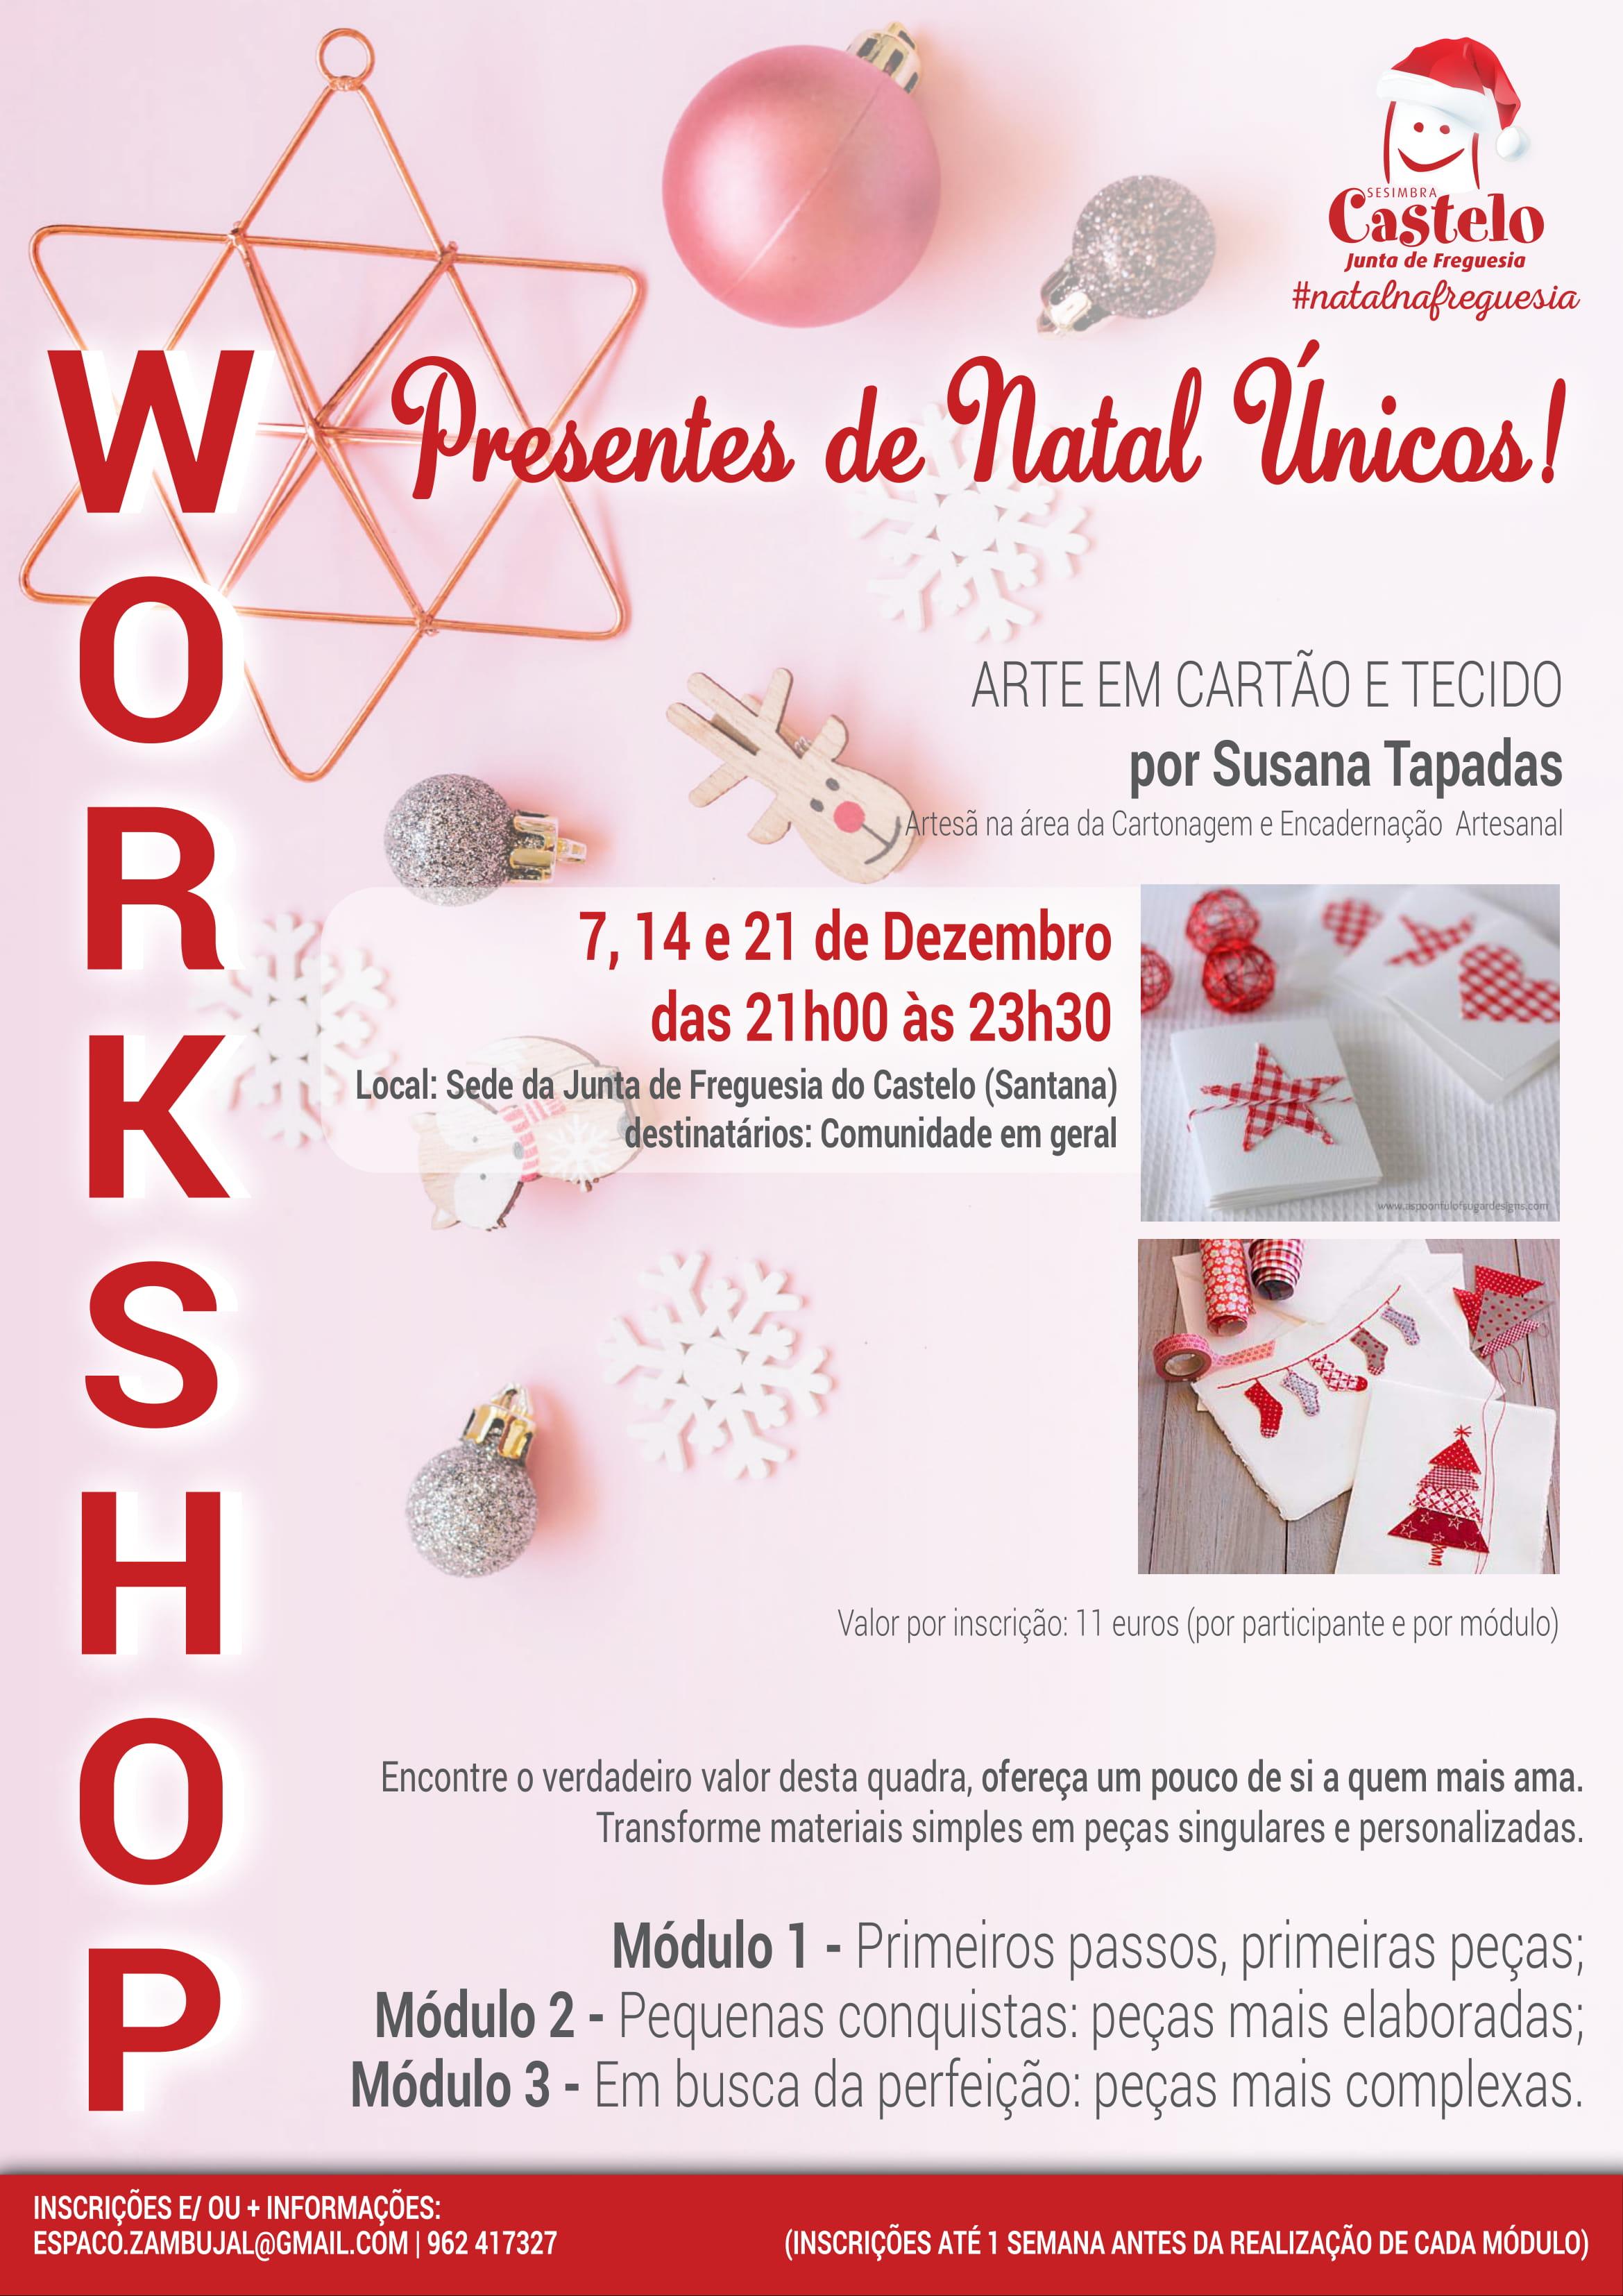 Workshop  Arte em Cartão e Tecido: Presentes de Natal Únicos!